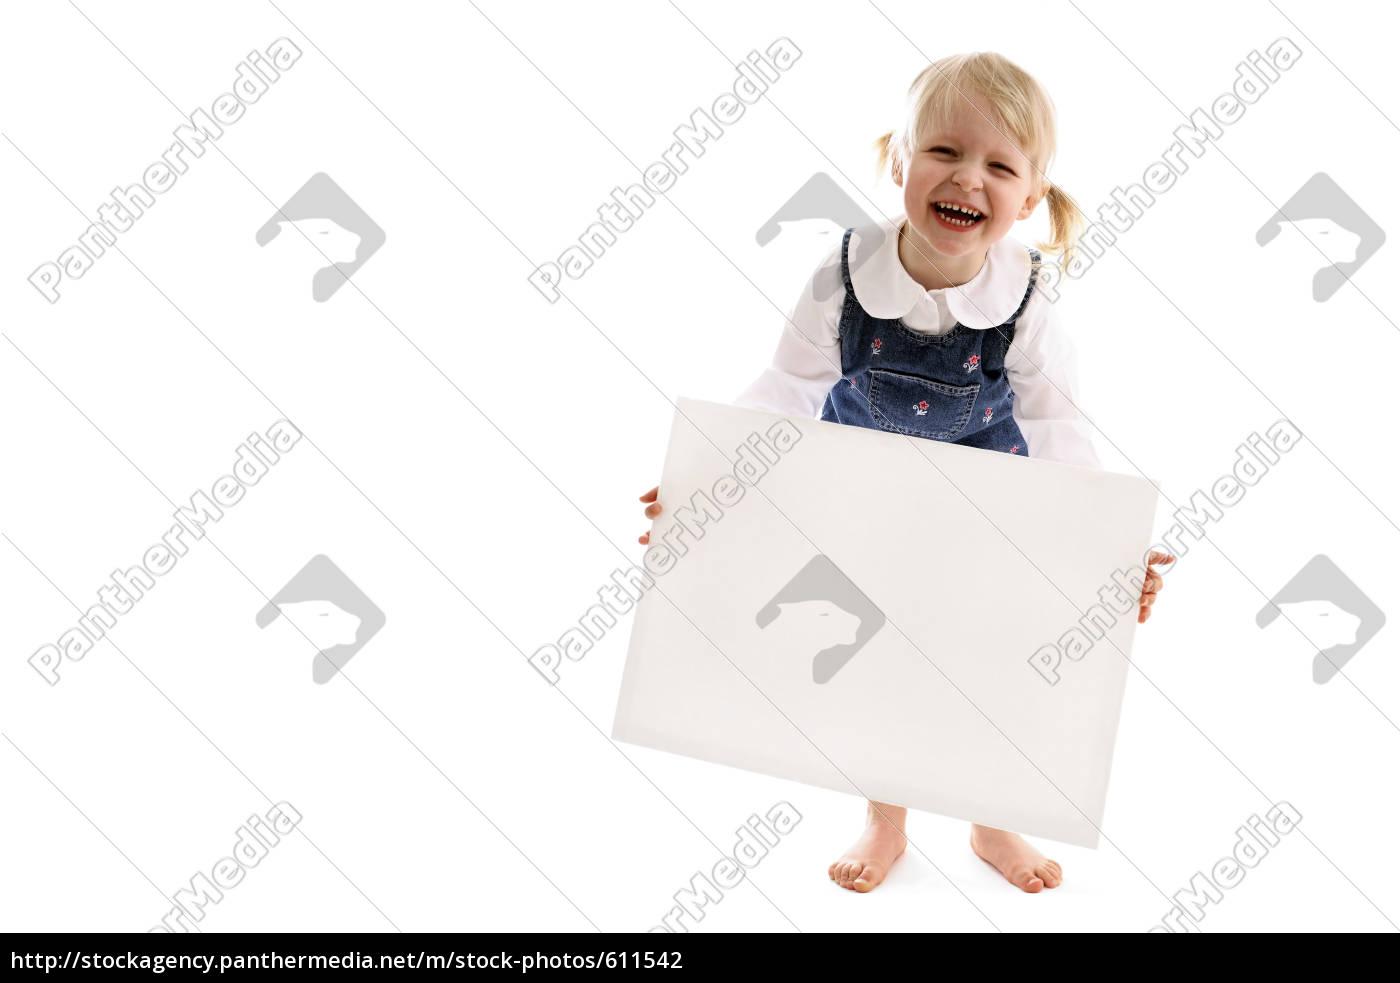 child - 611542